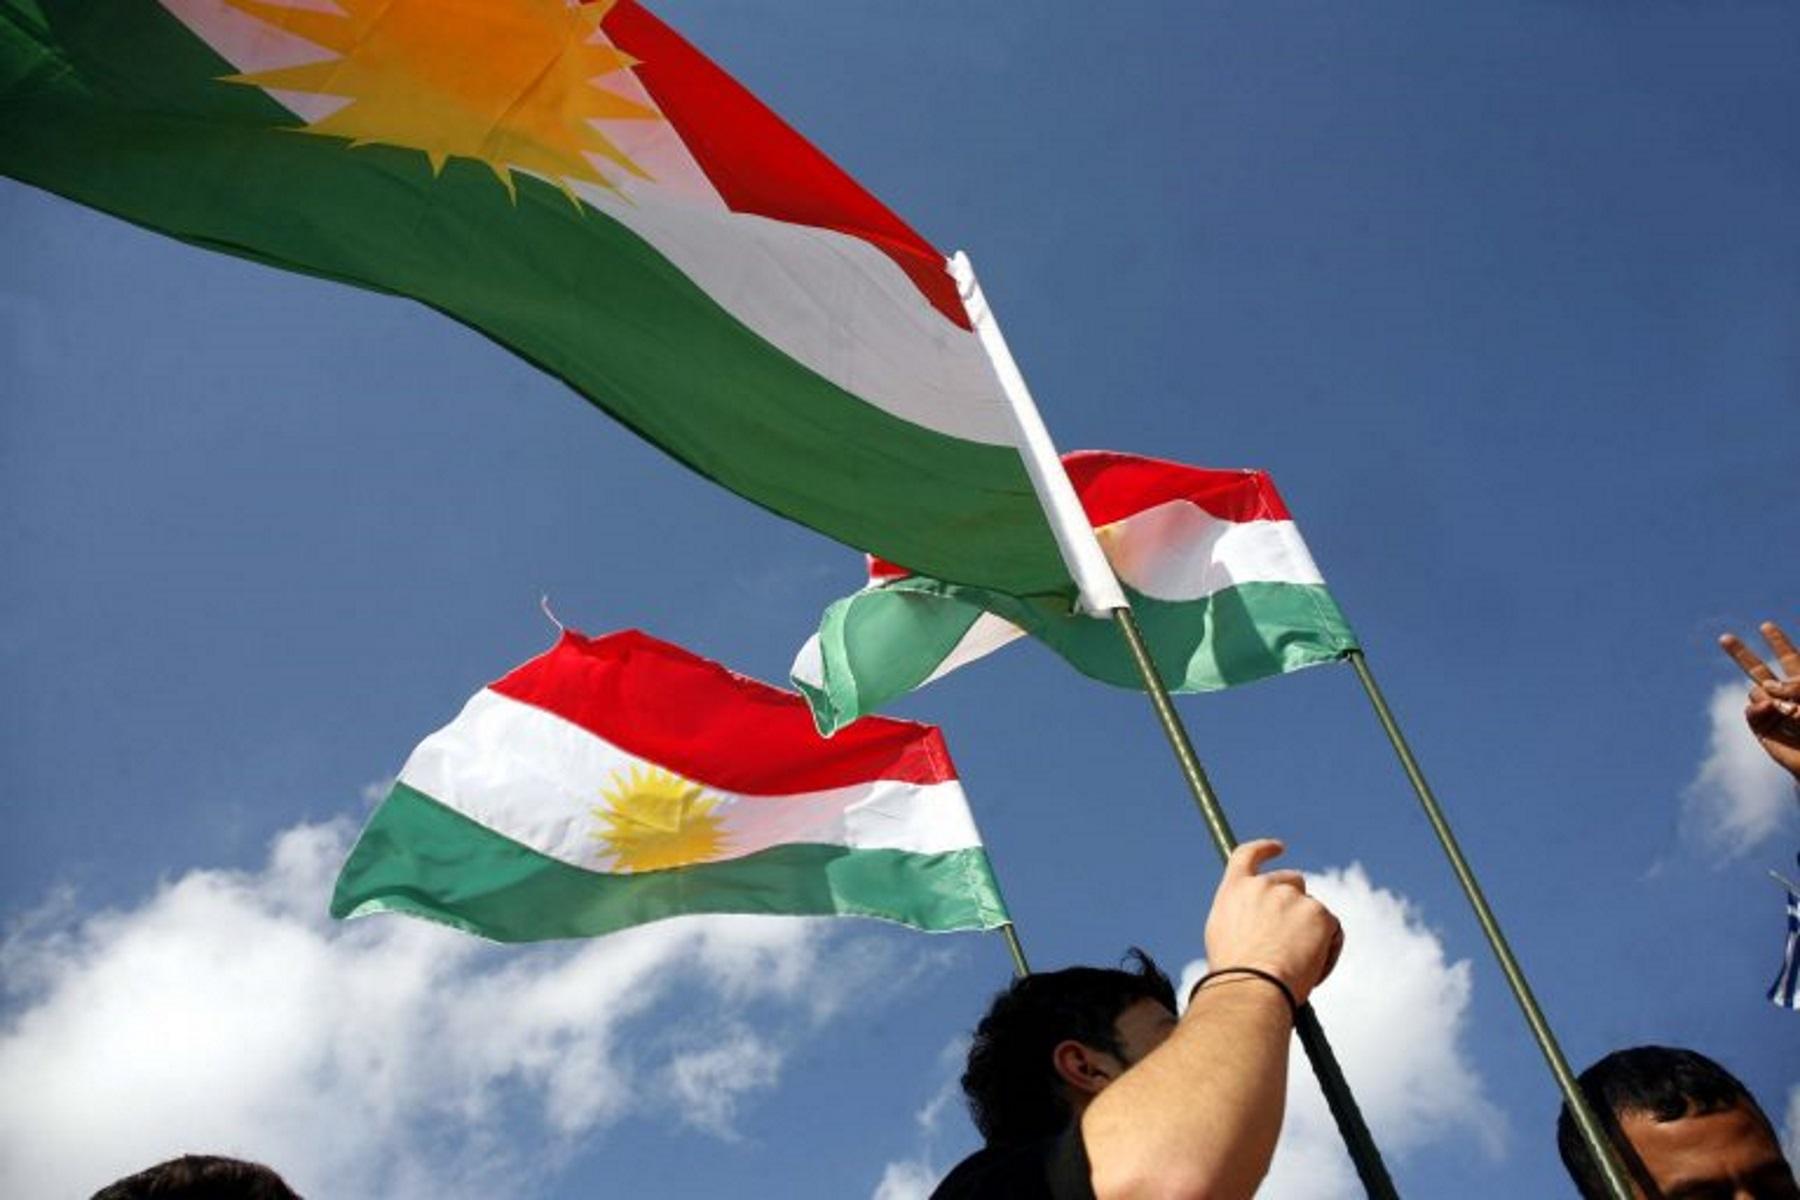 Οι Κούρδοι σταμάτησαν τις επιθέσεις στο Ισλαμικό Κράτος, εξαιτίας της τουρκικής εισβολής